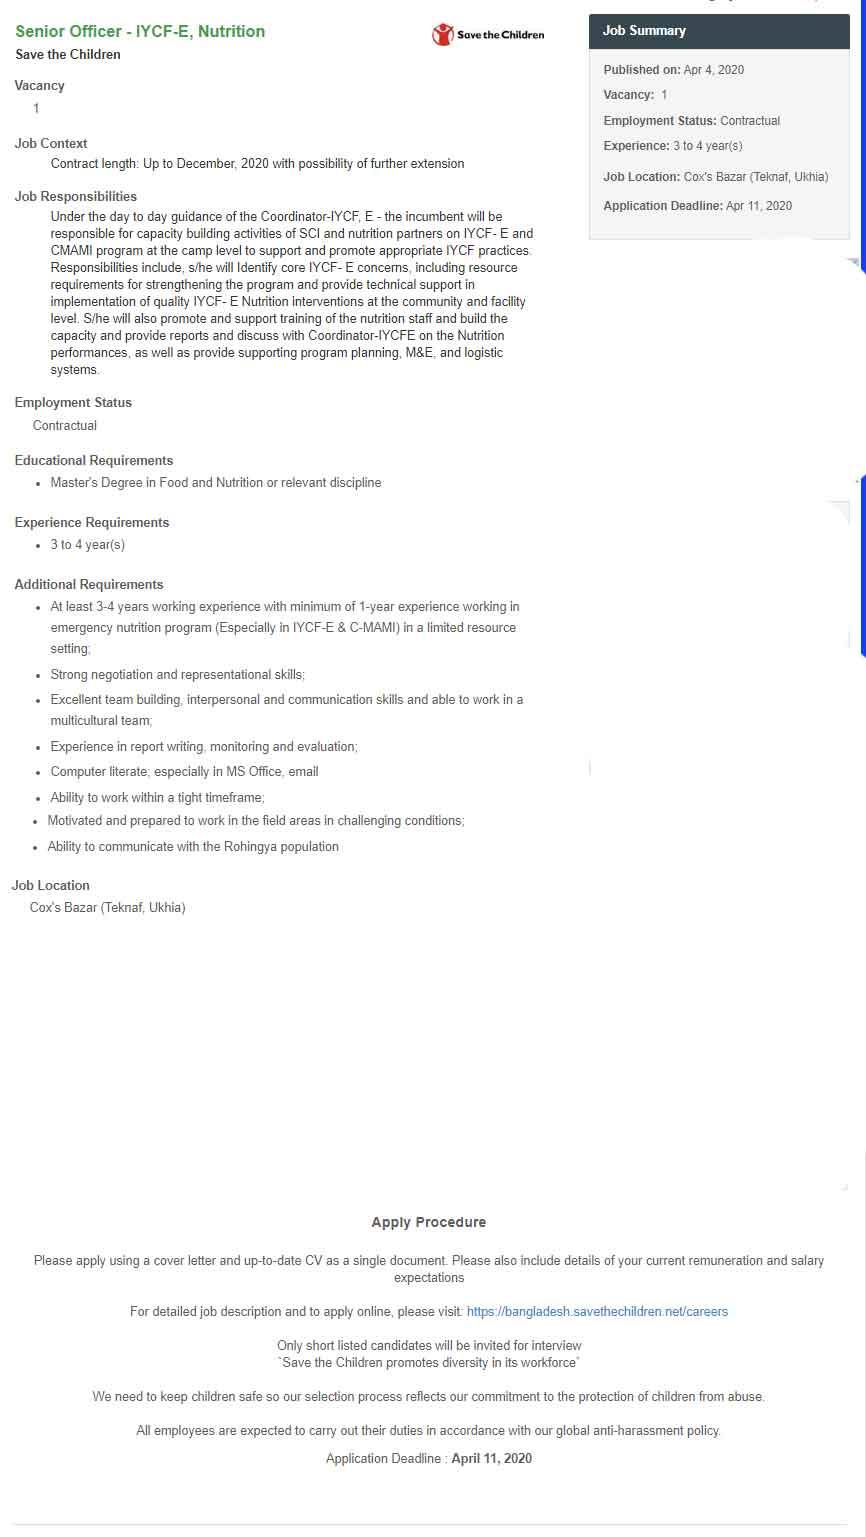 Save The Children Job Circular- 2020 1